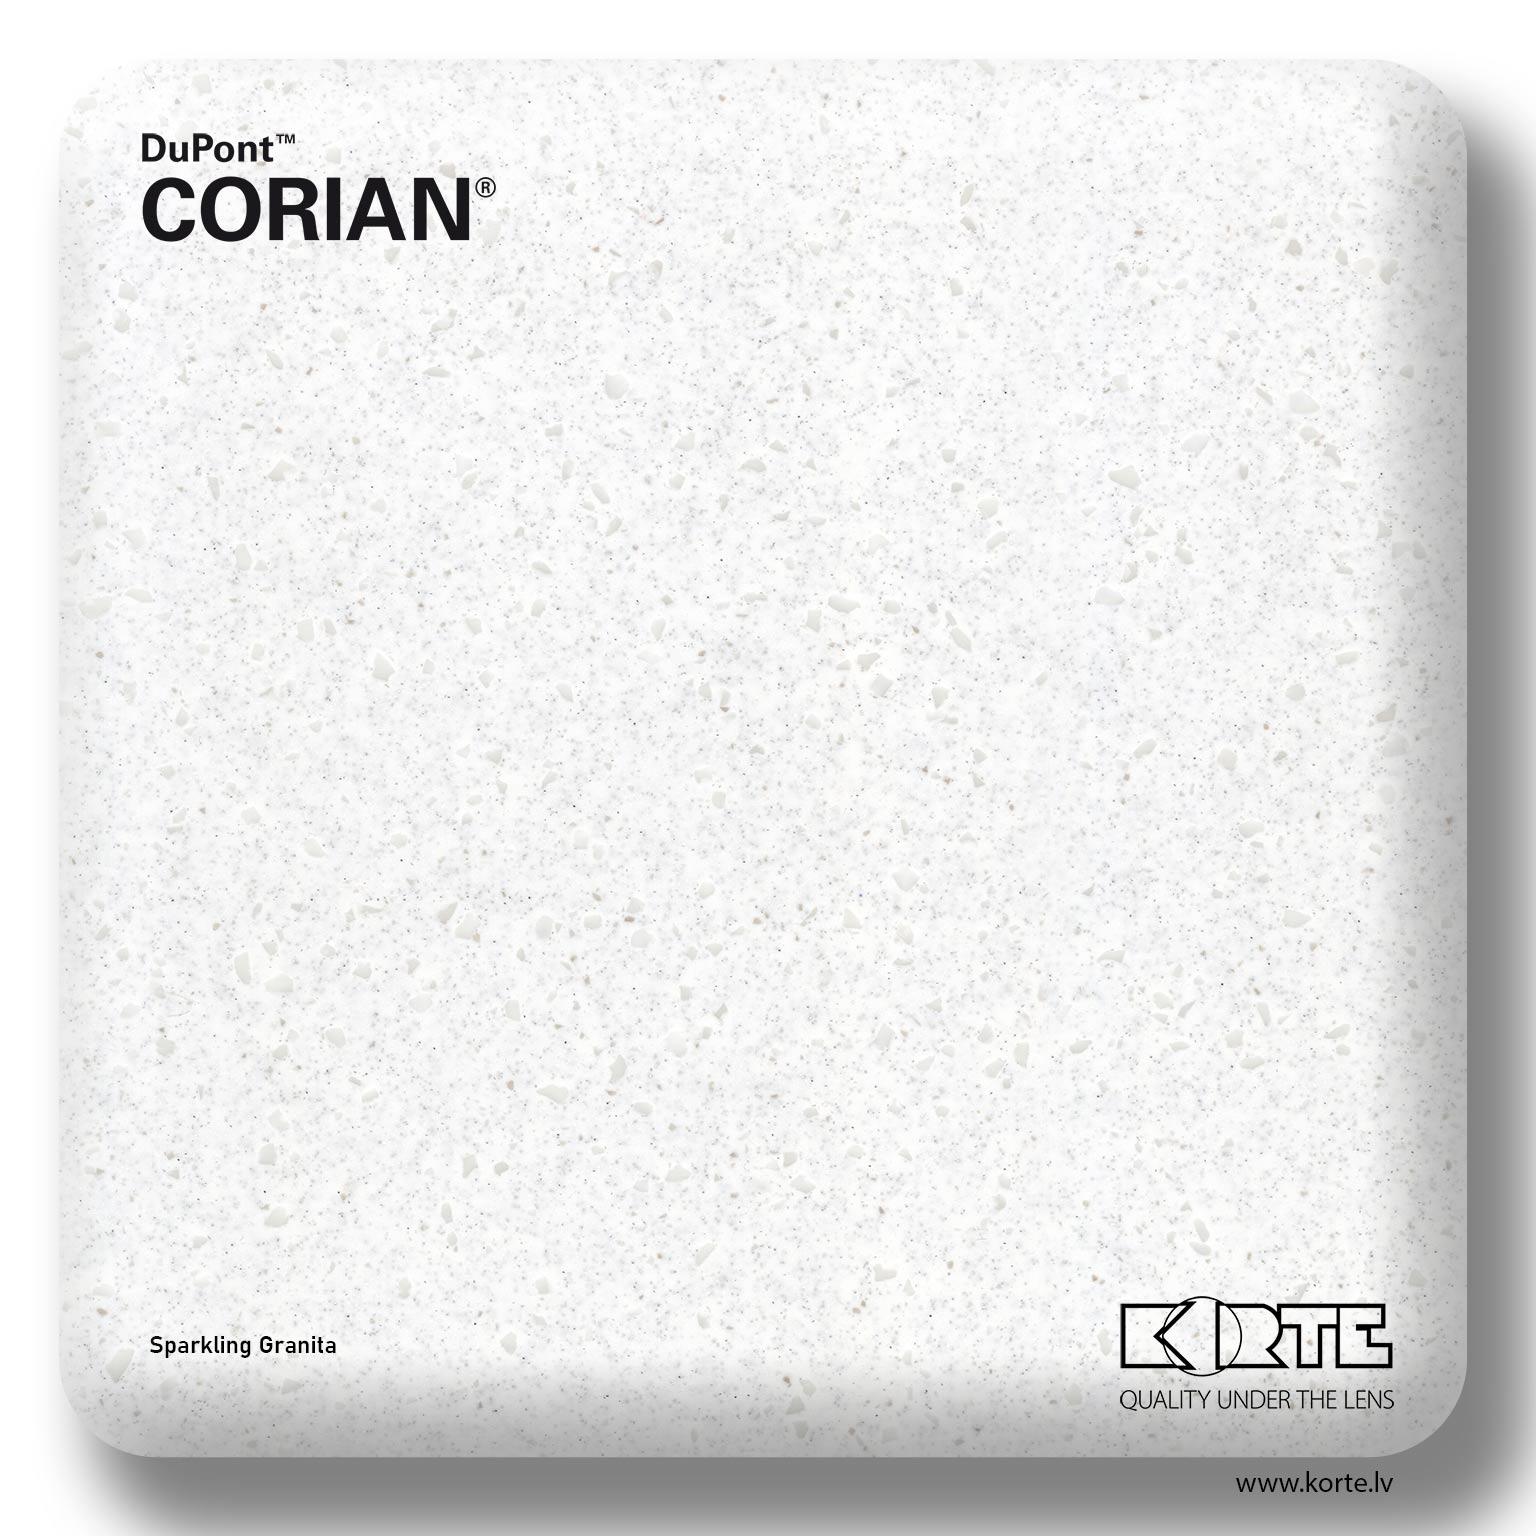 DuPont Corian Sparkling Granita